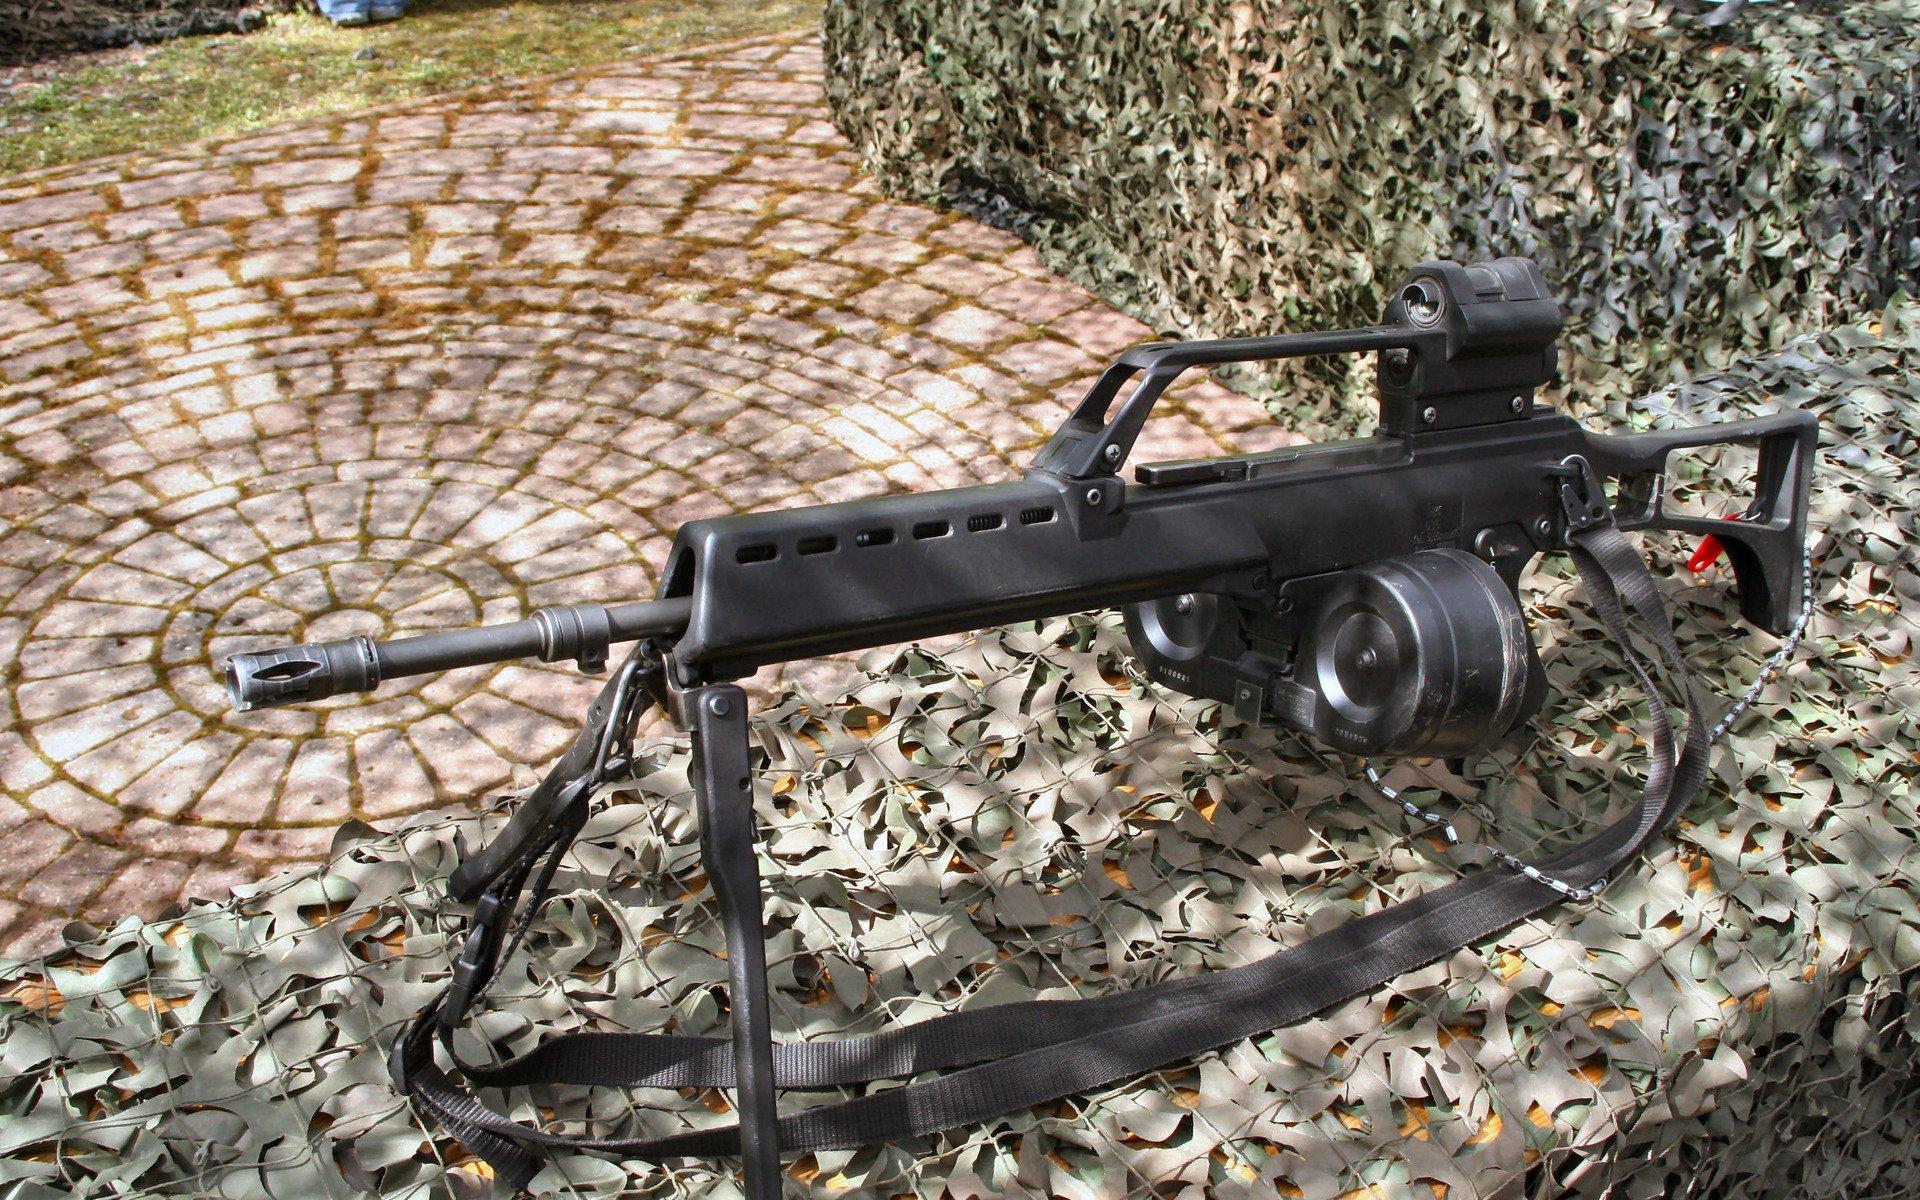 Machine Gun Full HD Wallpaper and Background | 1920x1200 ... | 1920 x 1200 jpeg 697kB